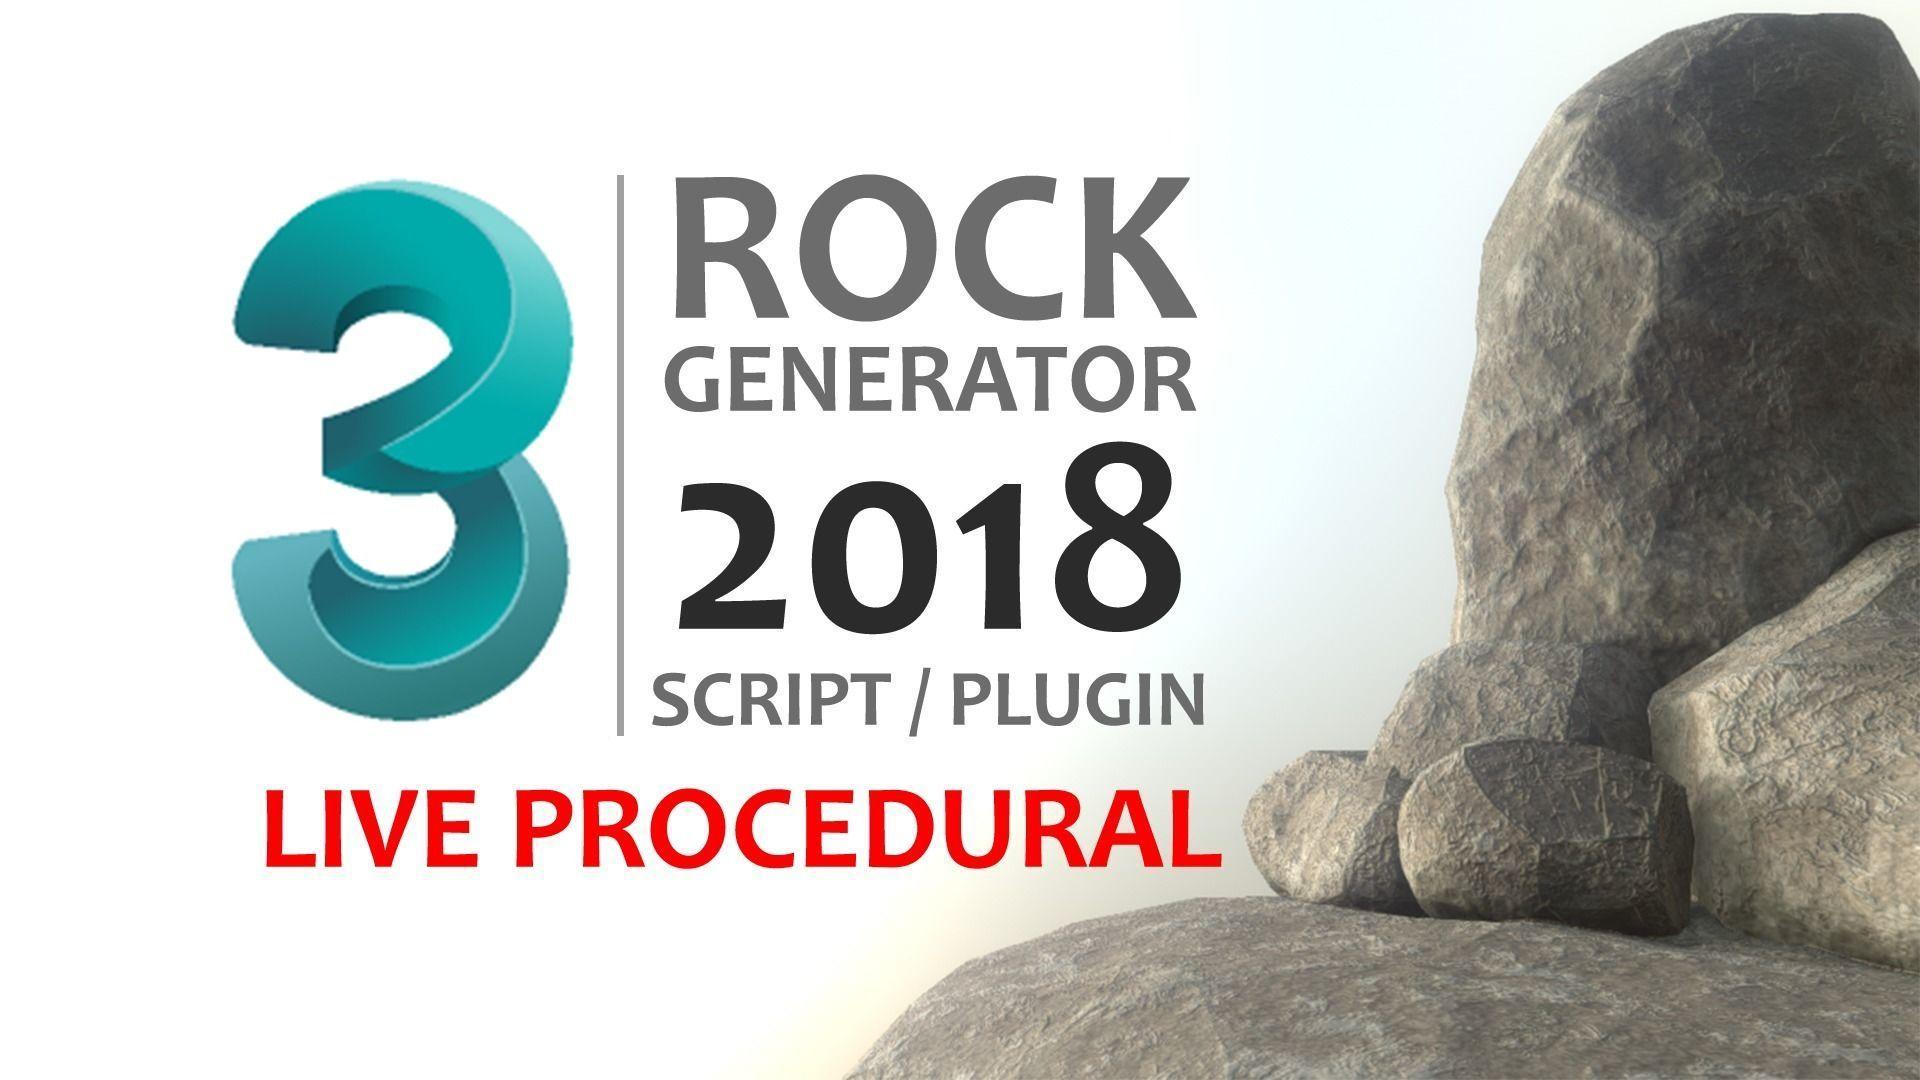 Rock Generator v2 2018